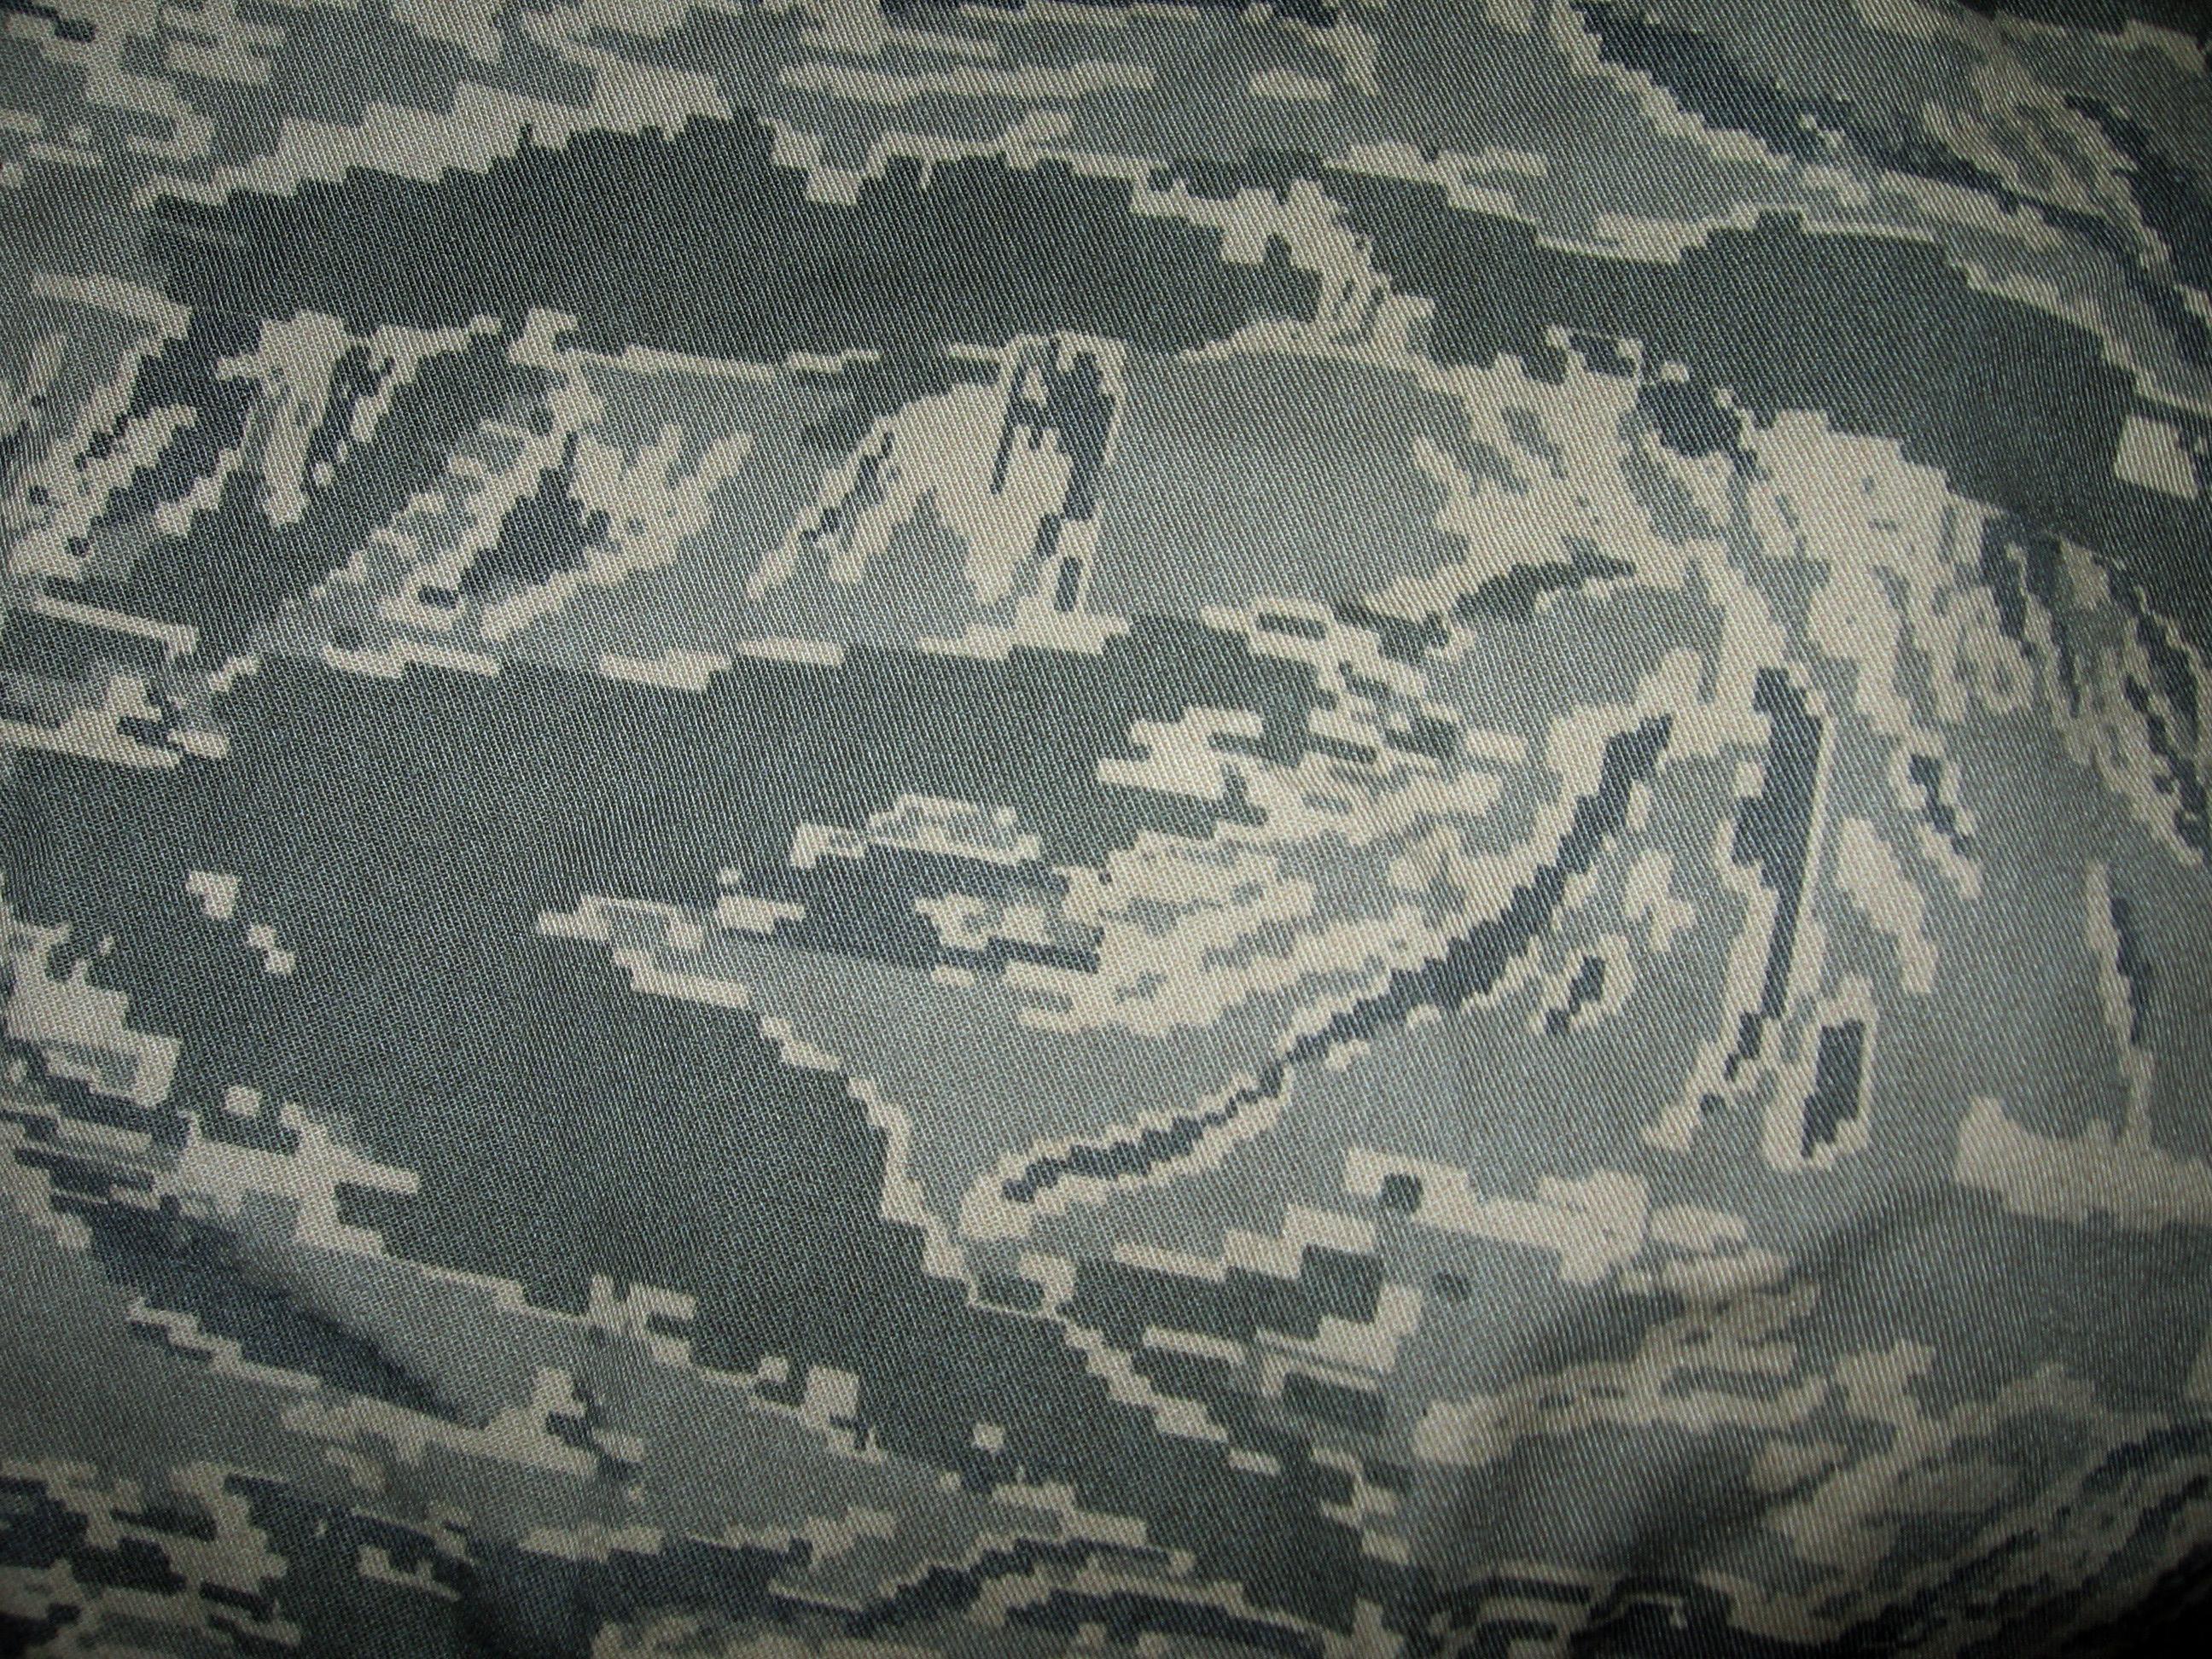 camuflajes militares, patrones (megapost) - Imágenes - Taringa!